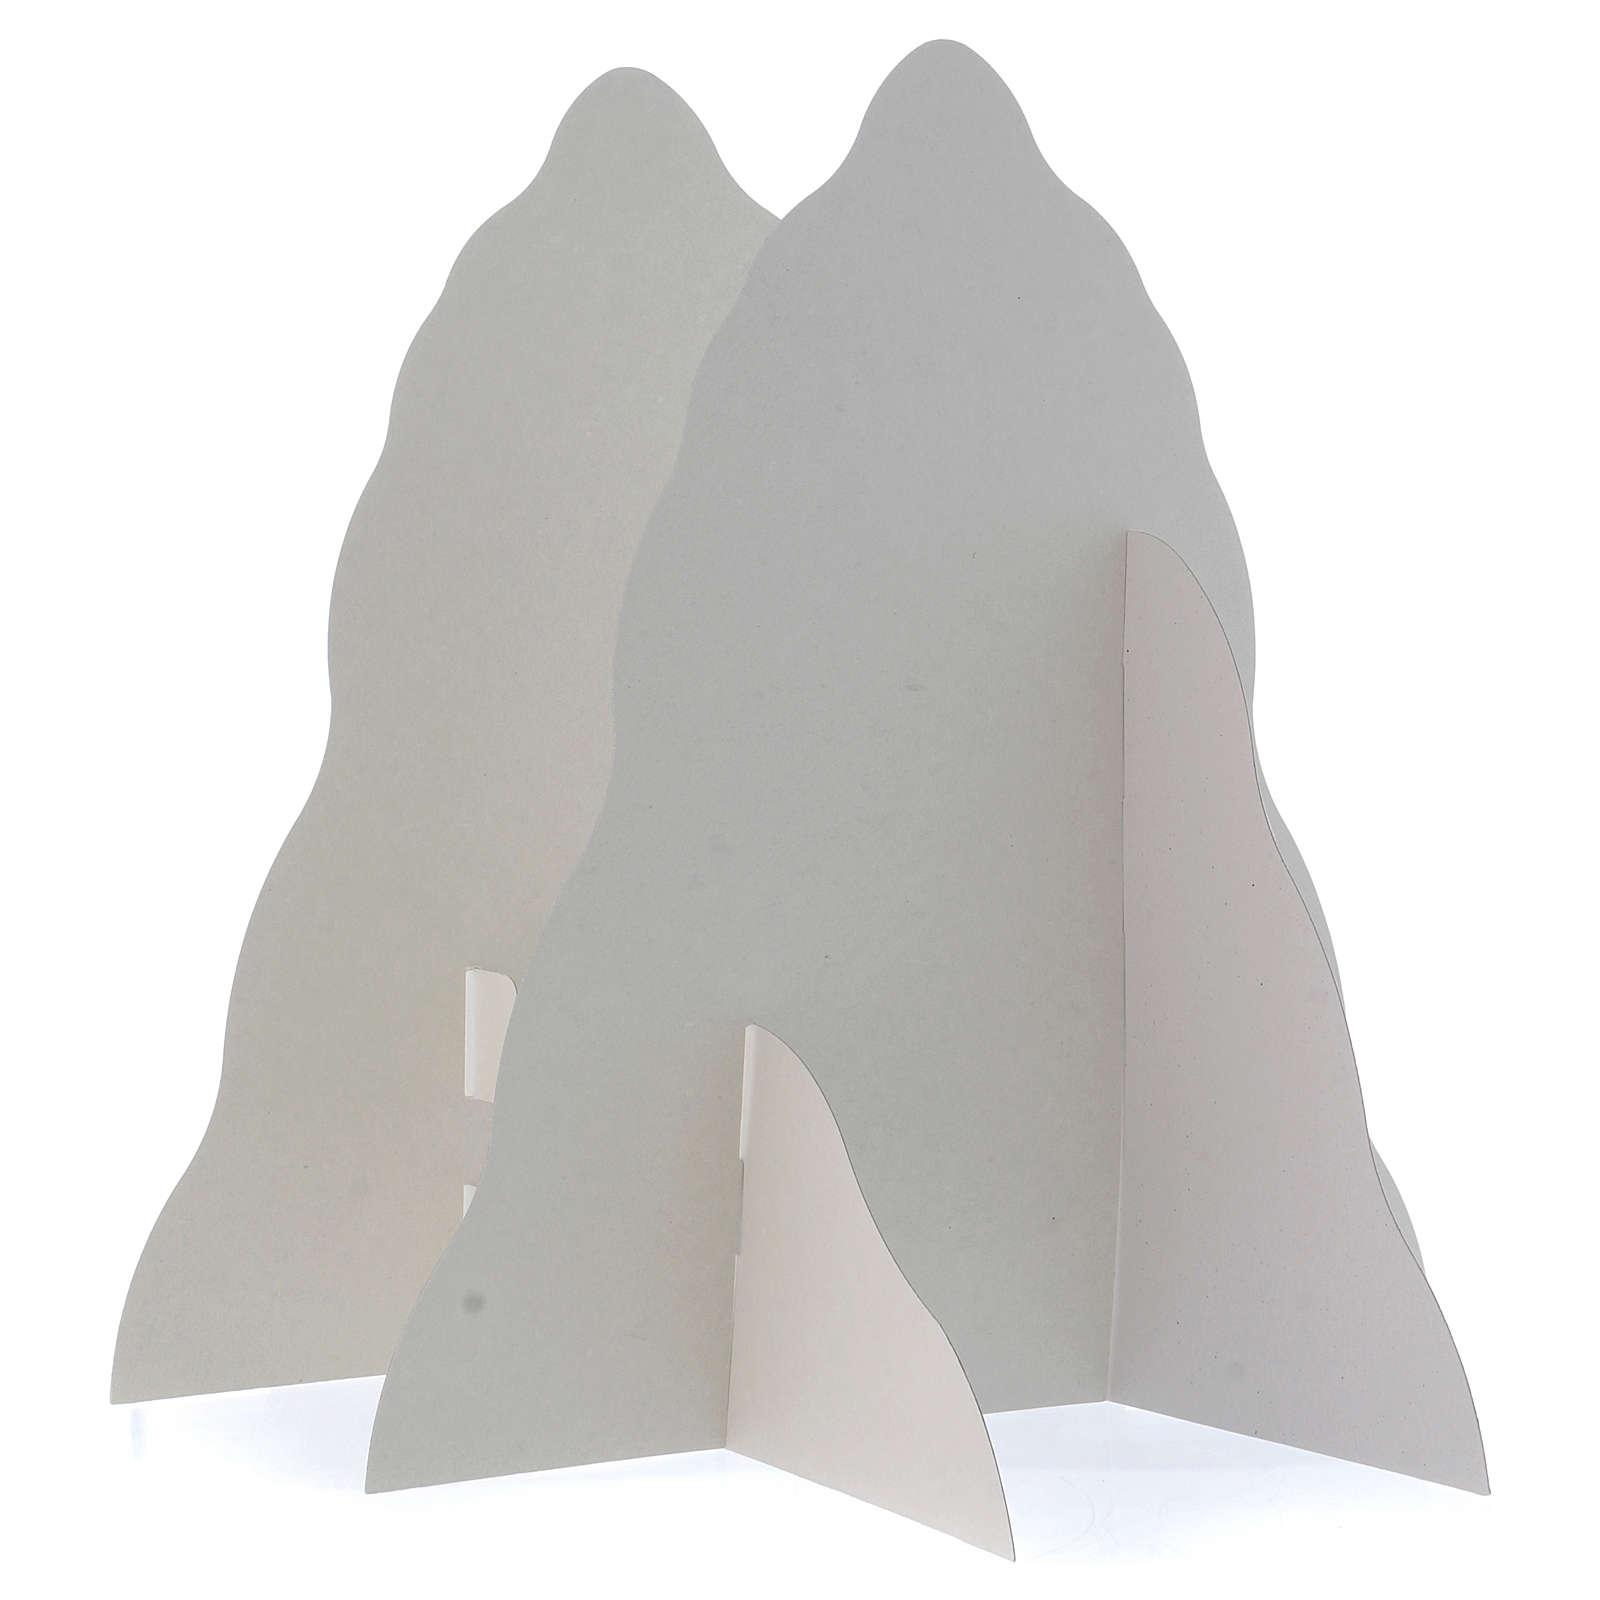 Set montaña en relieve de montar 95x65 (hoja A1) h montaña 35 cm 4